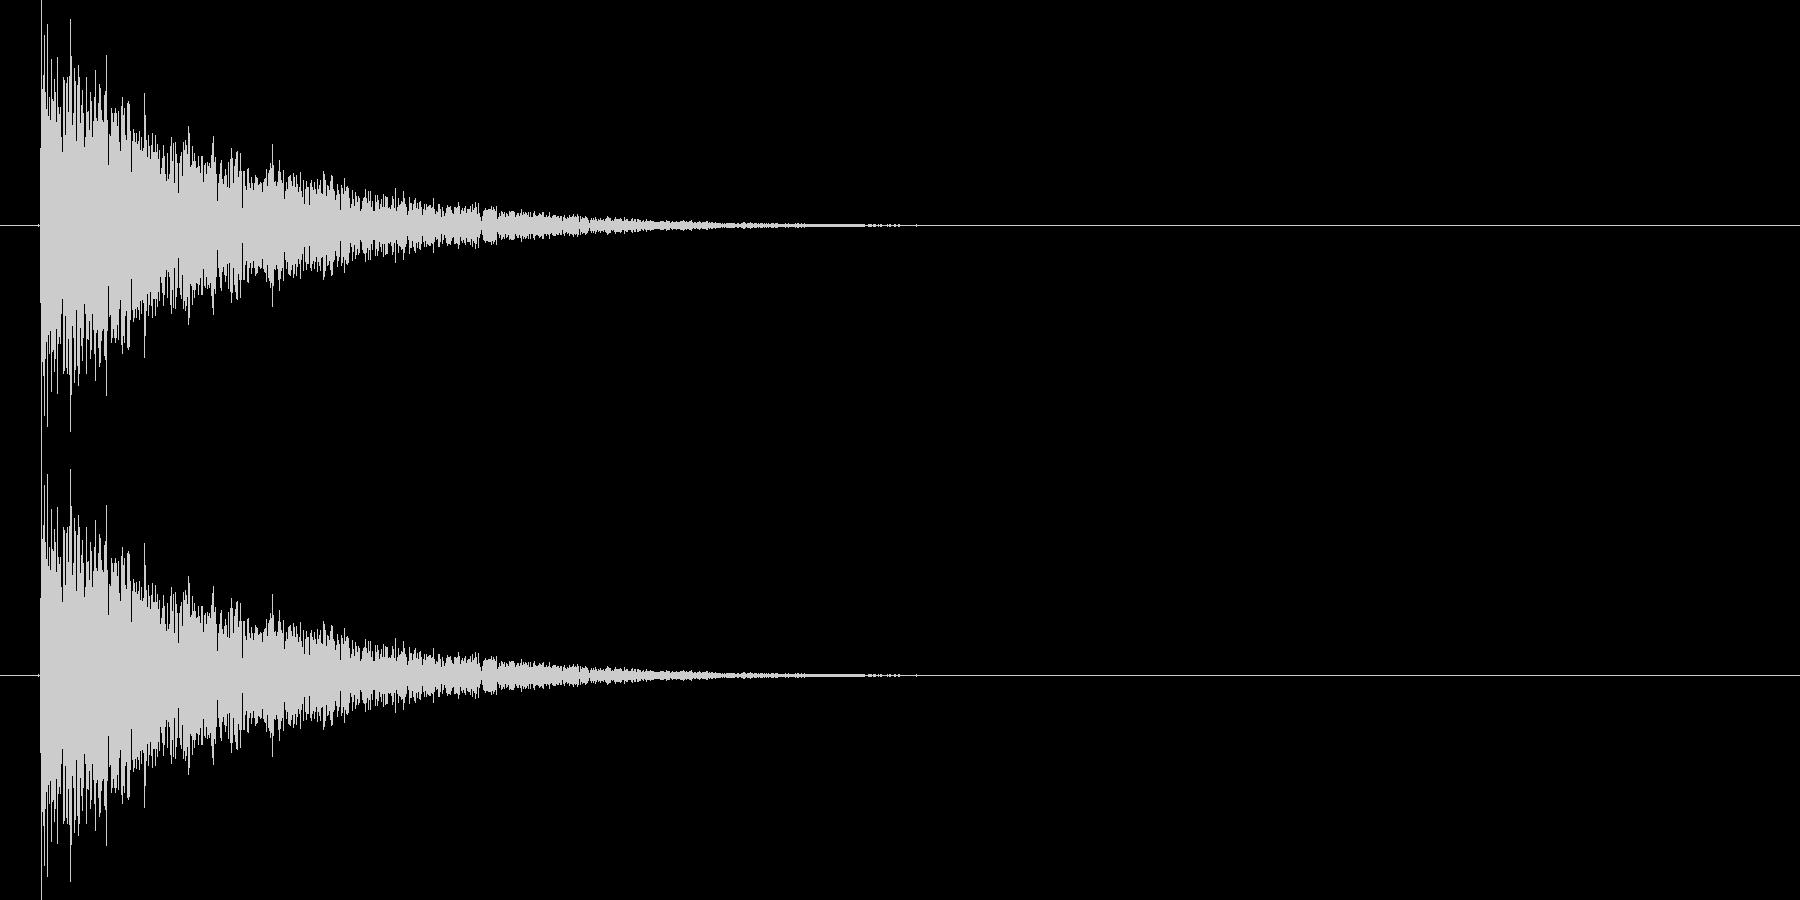 バシーィィィッ 効果音、格闘などの余韻…の未再生の波形